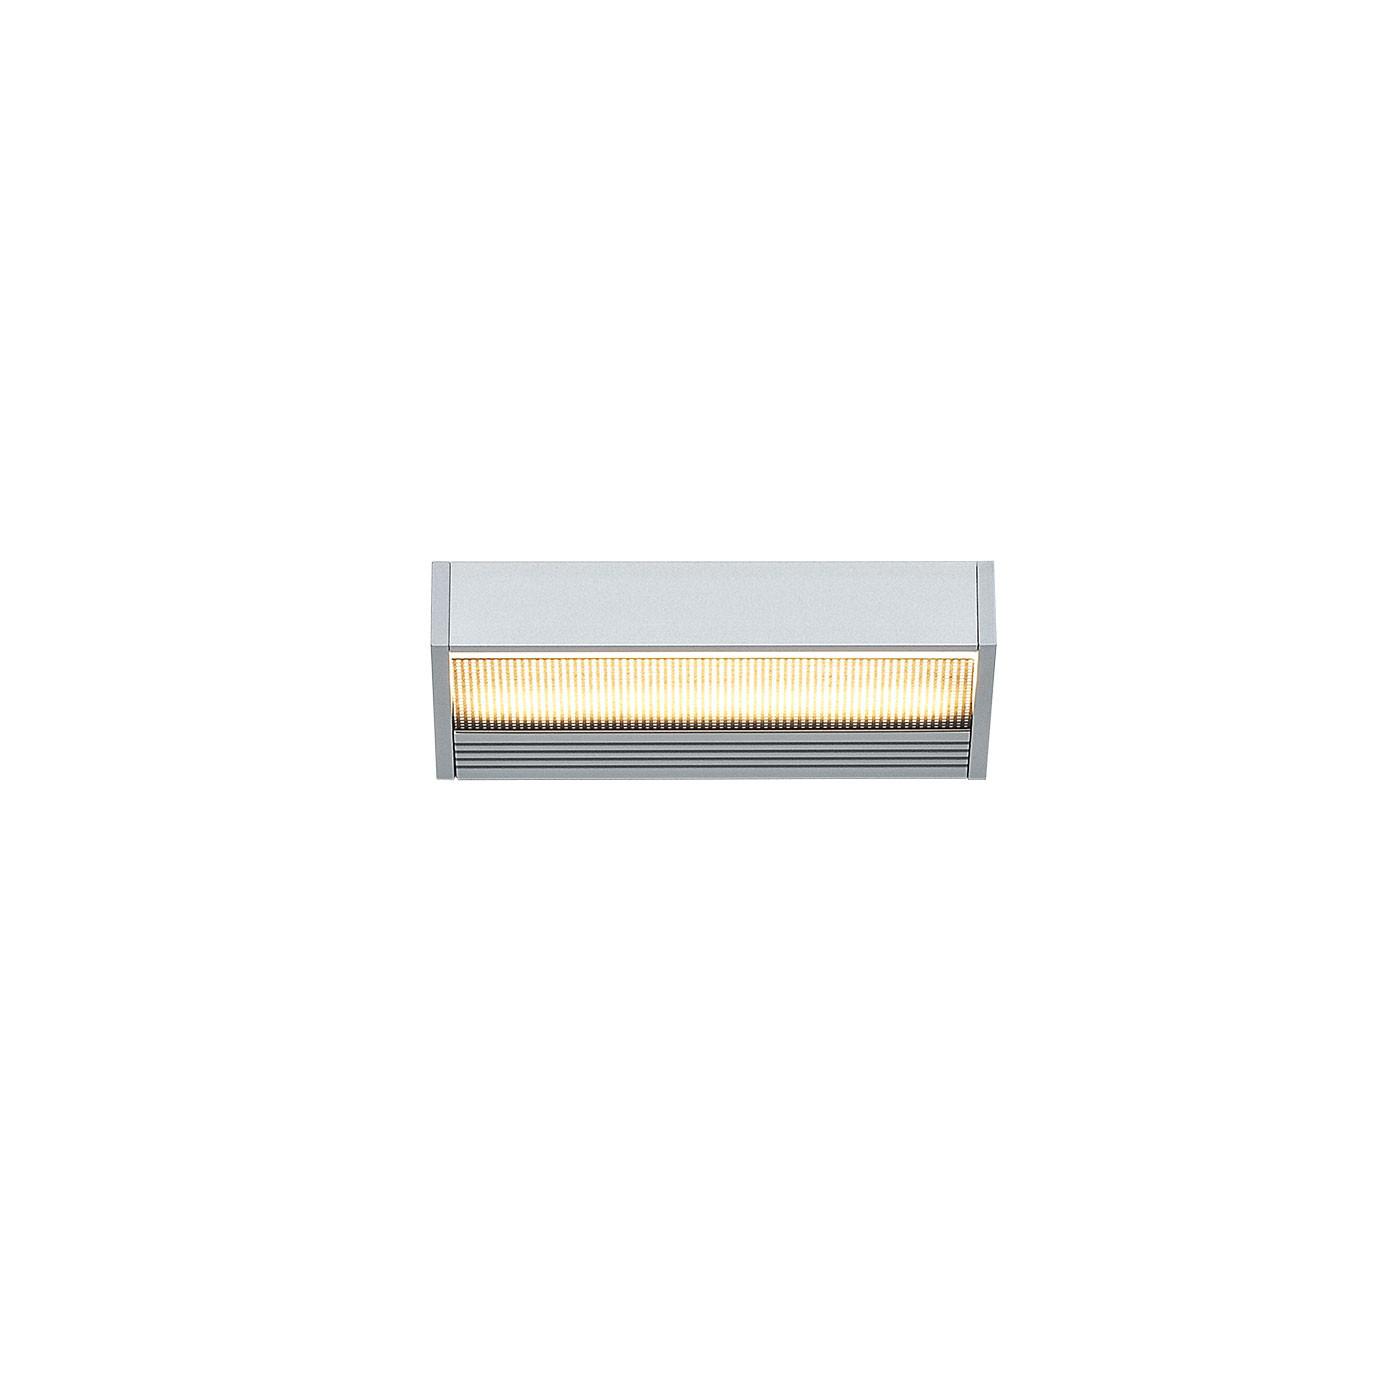 Serien Lighting SML Wall S LED